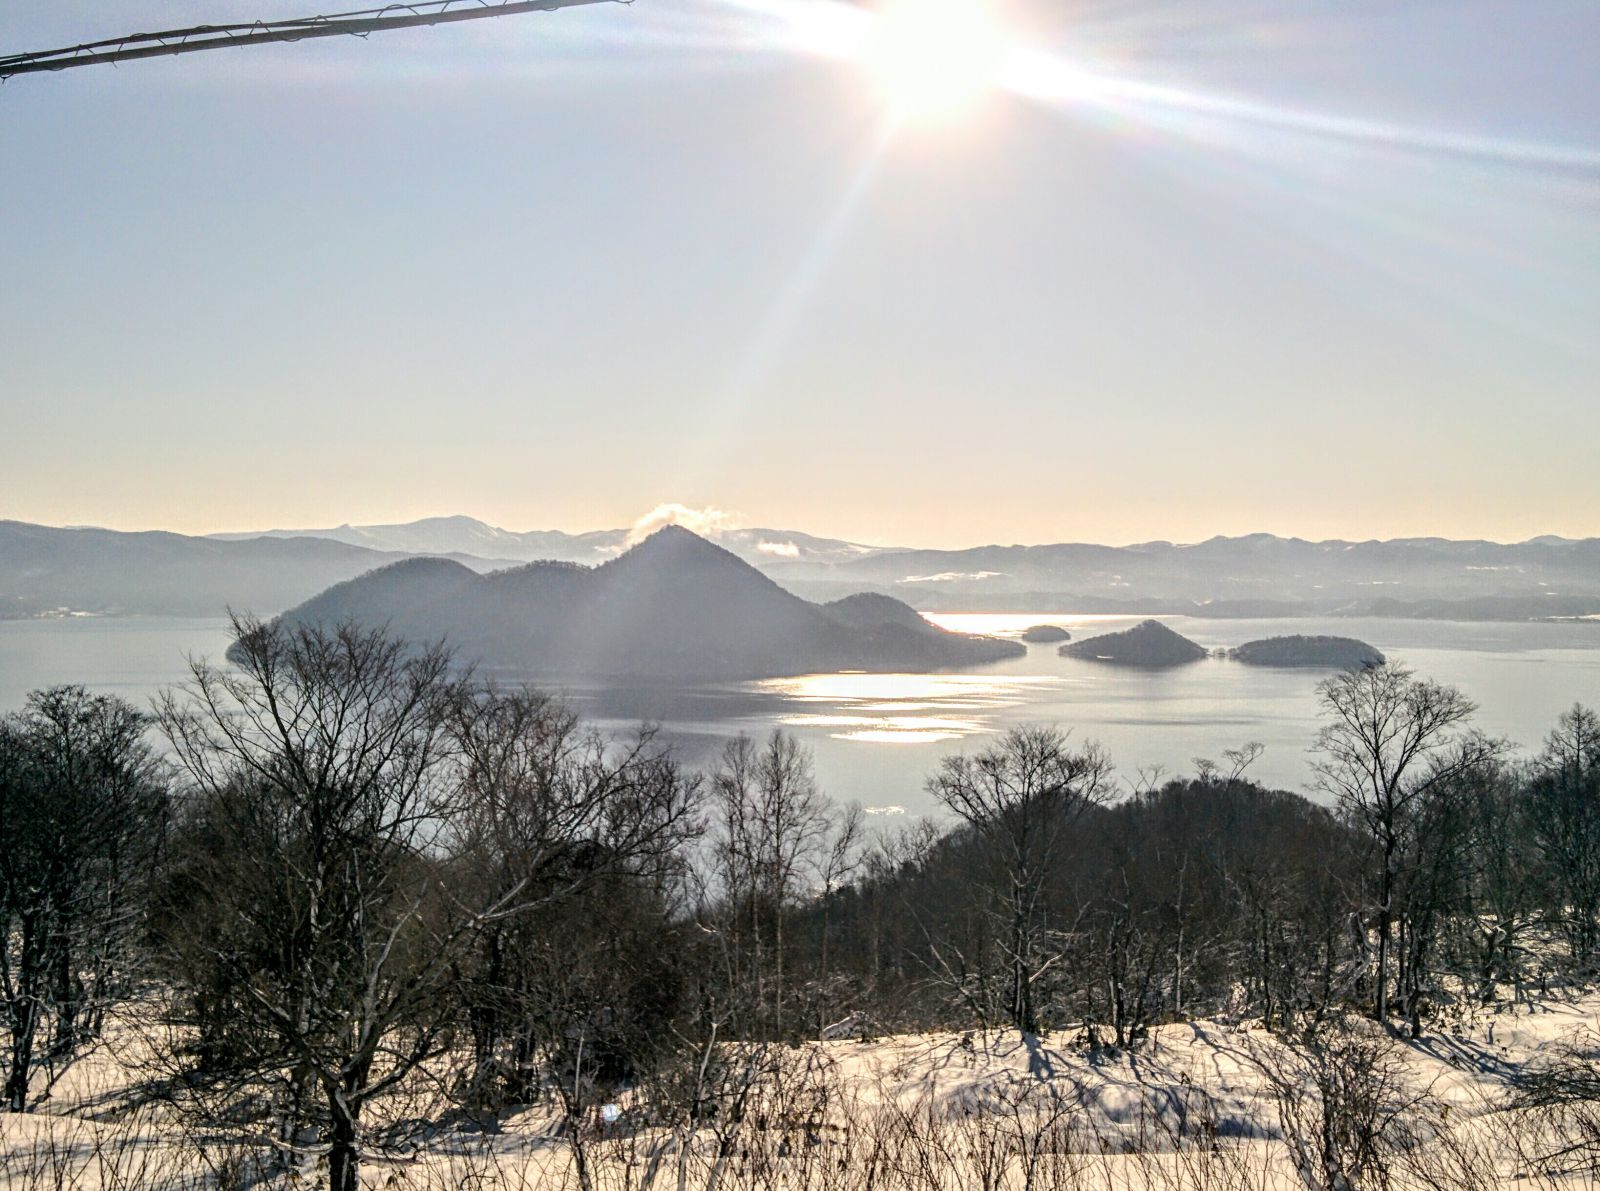 【洞爺湖温泉】冬の洞爺湖観光案内です。